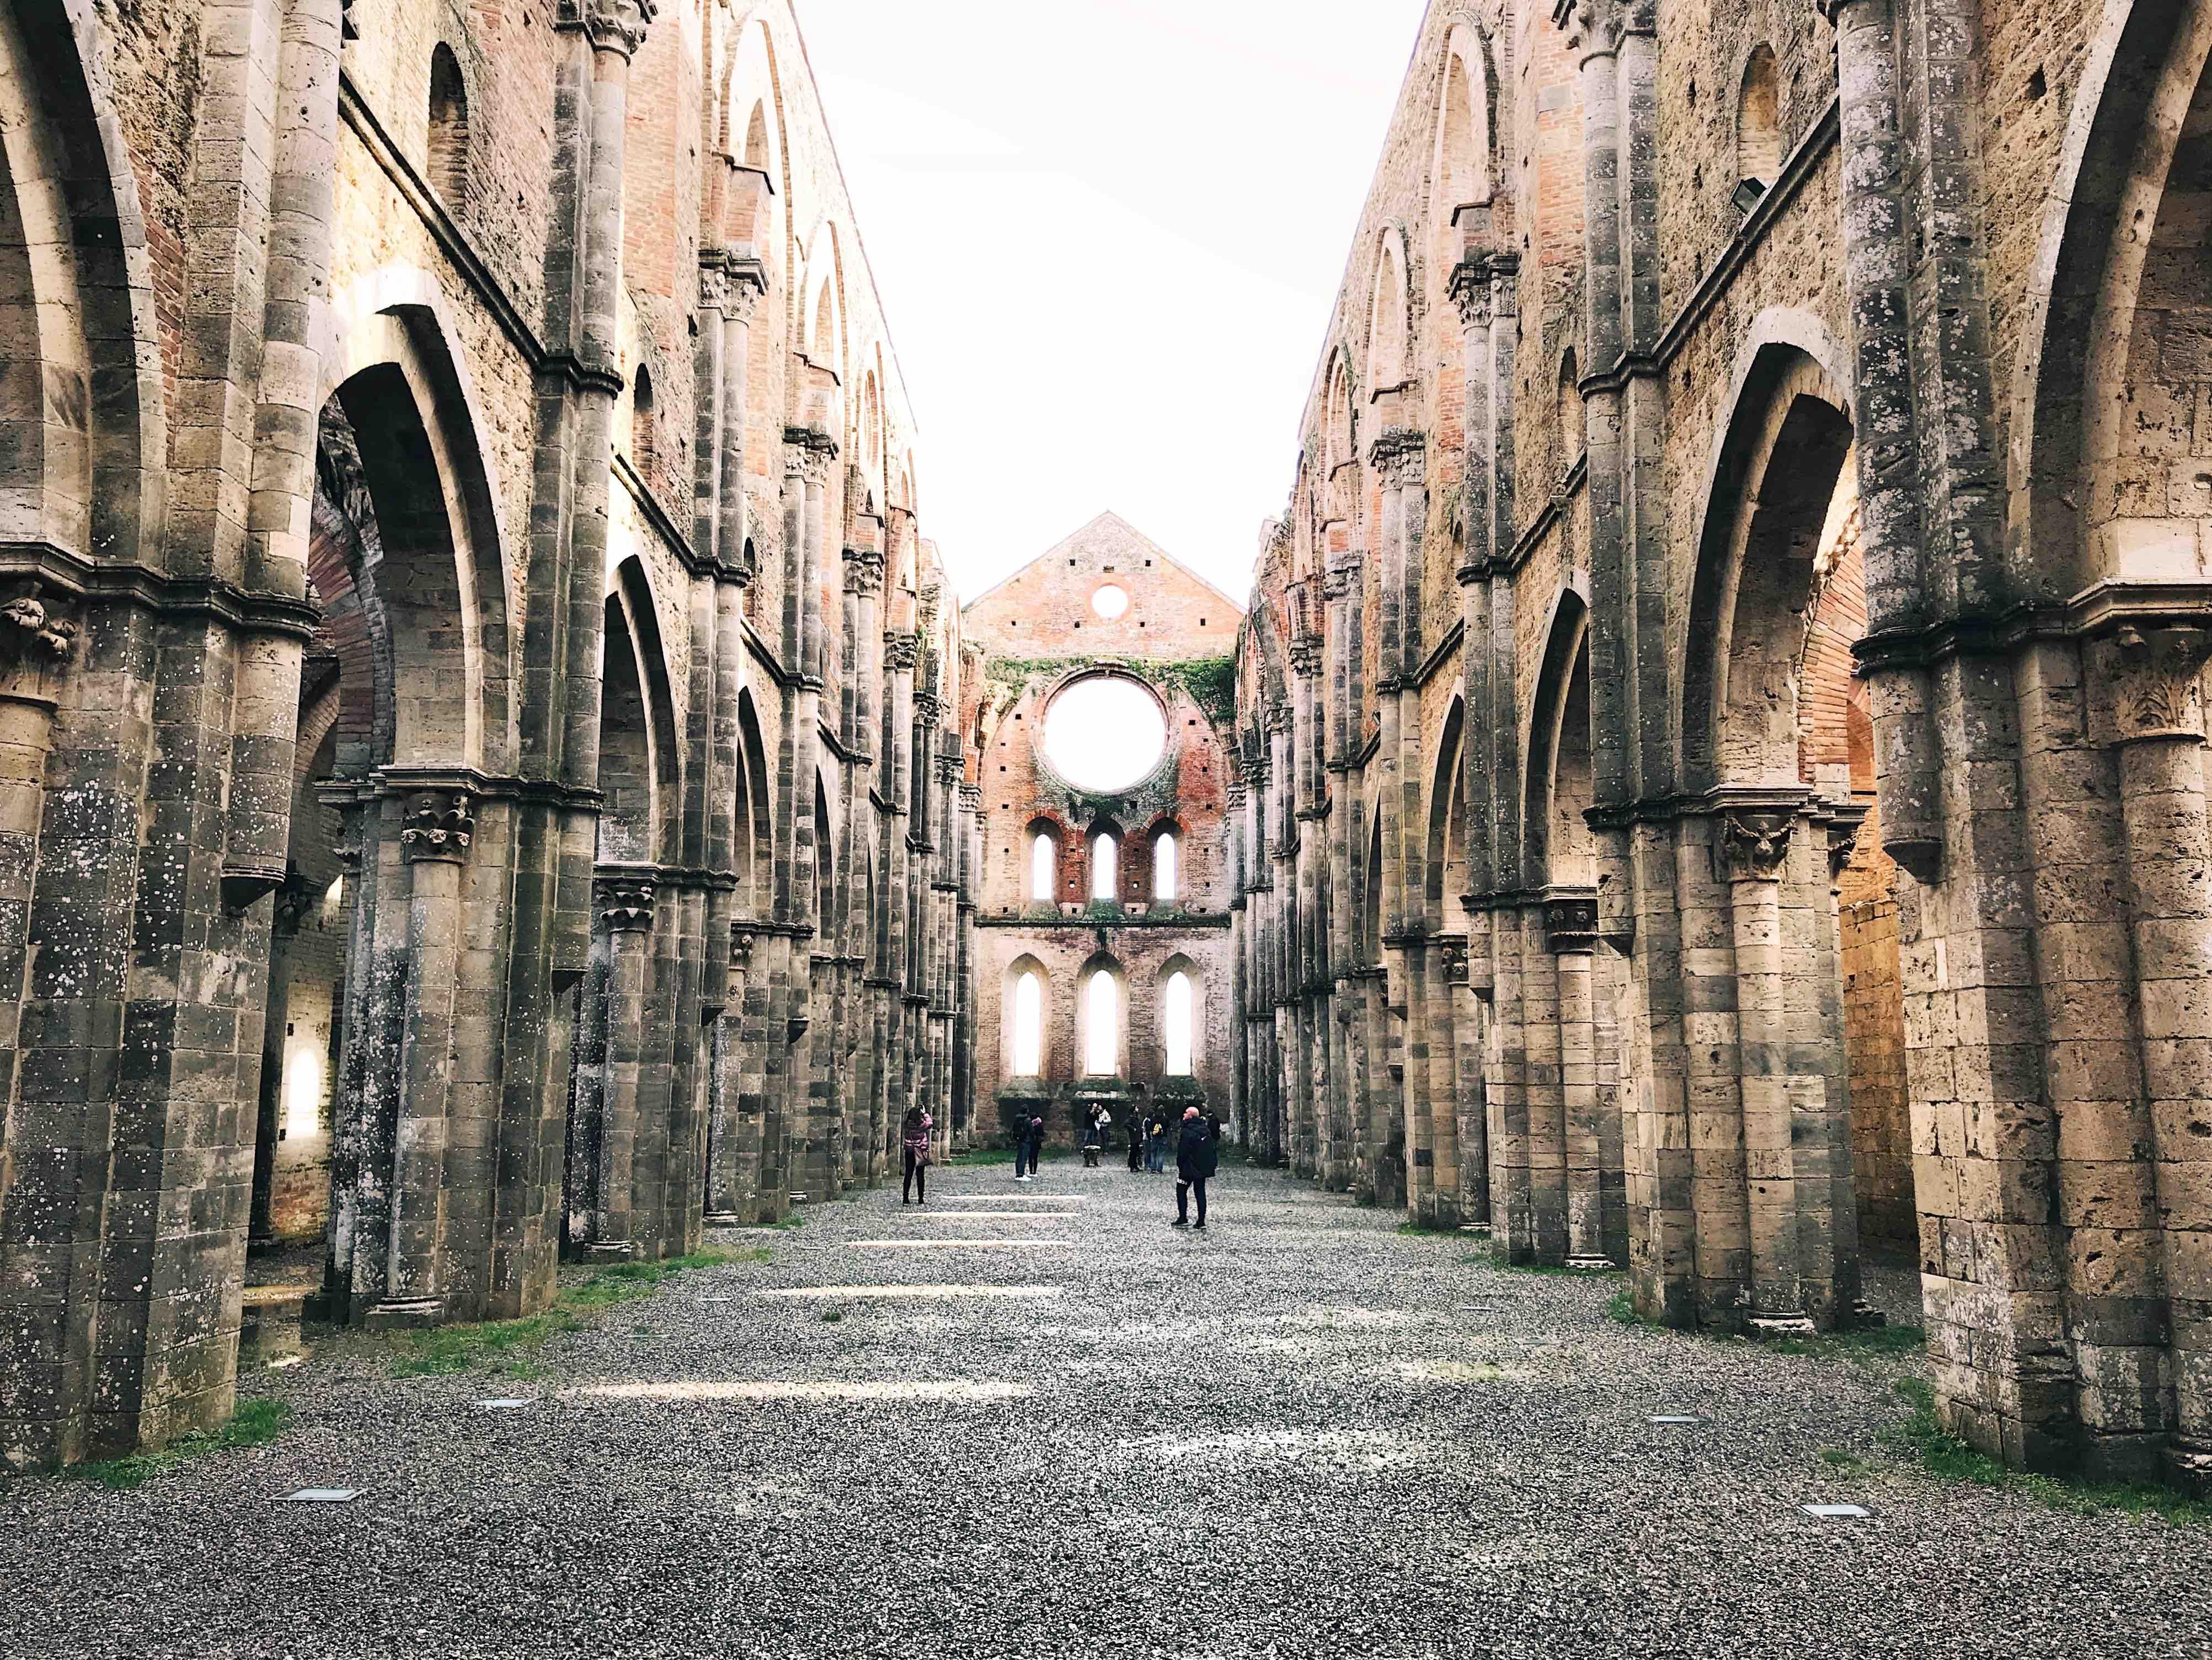 I luoghi più belli della Toscana: interno dell'abbazia di San Galgano